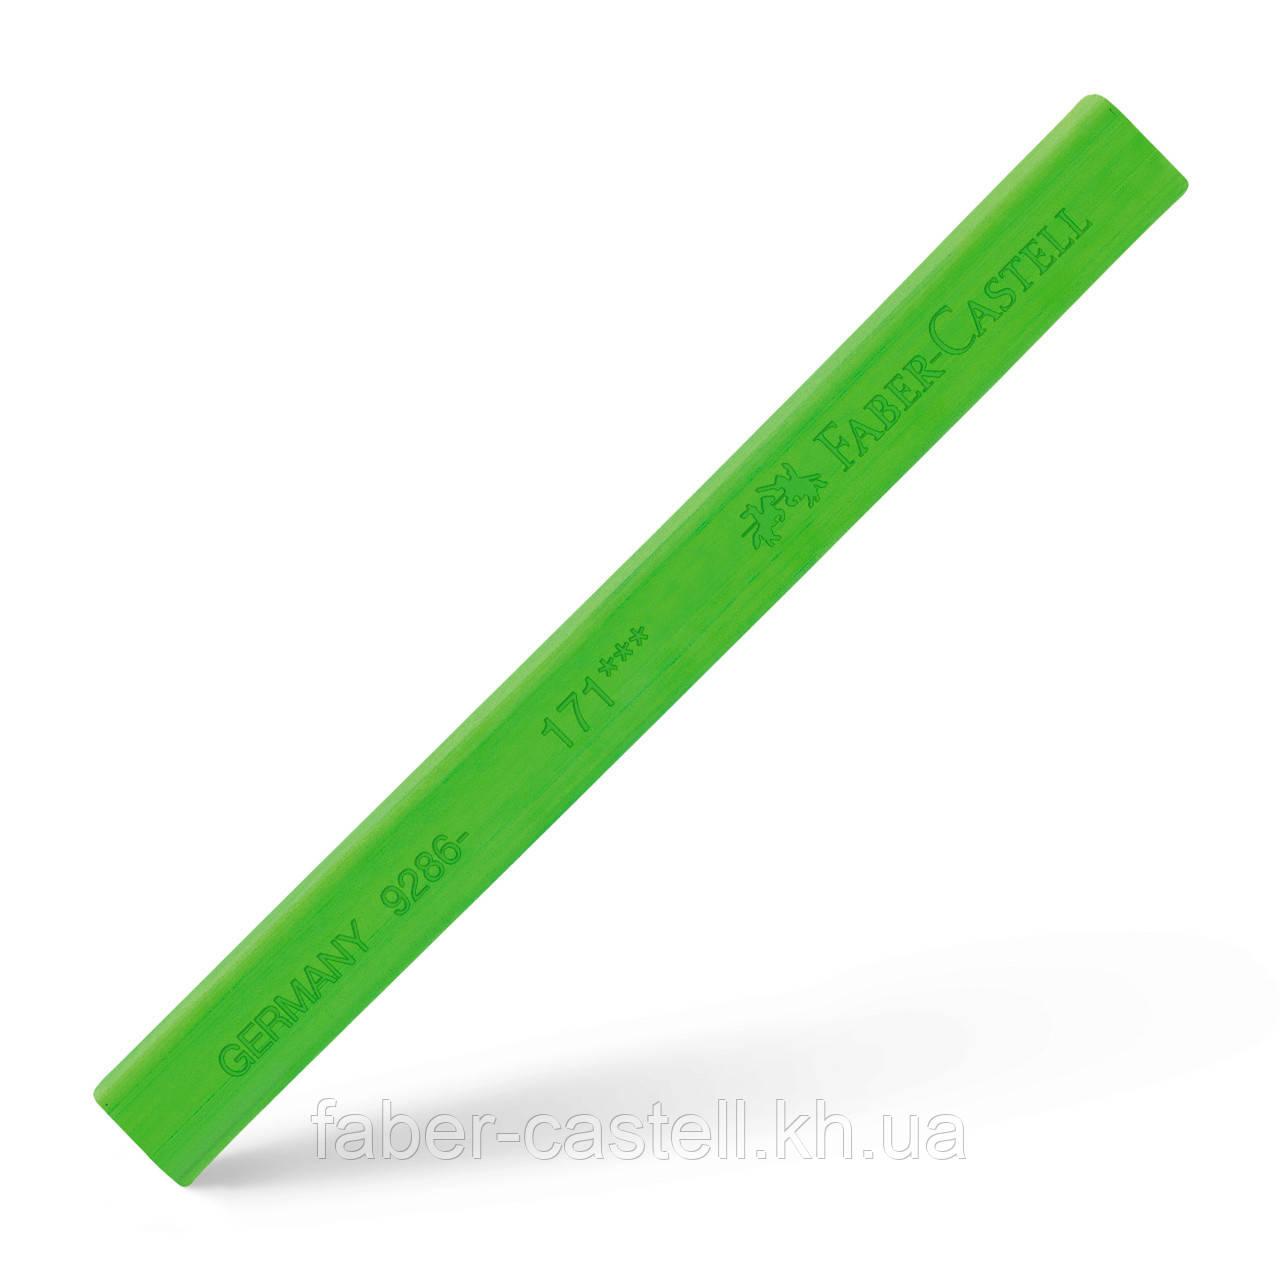 Пастель сухая / мелок Faber-Castell POLYCHROMOS цвет светло-зеленый №171 (light green), 128671